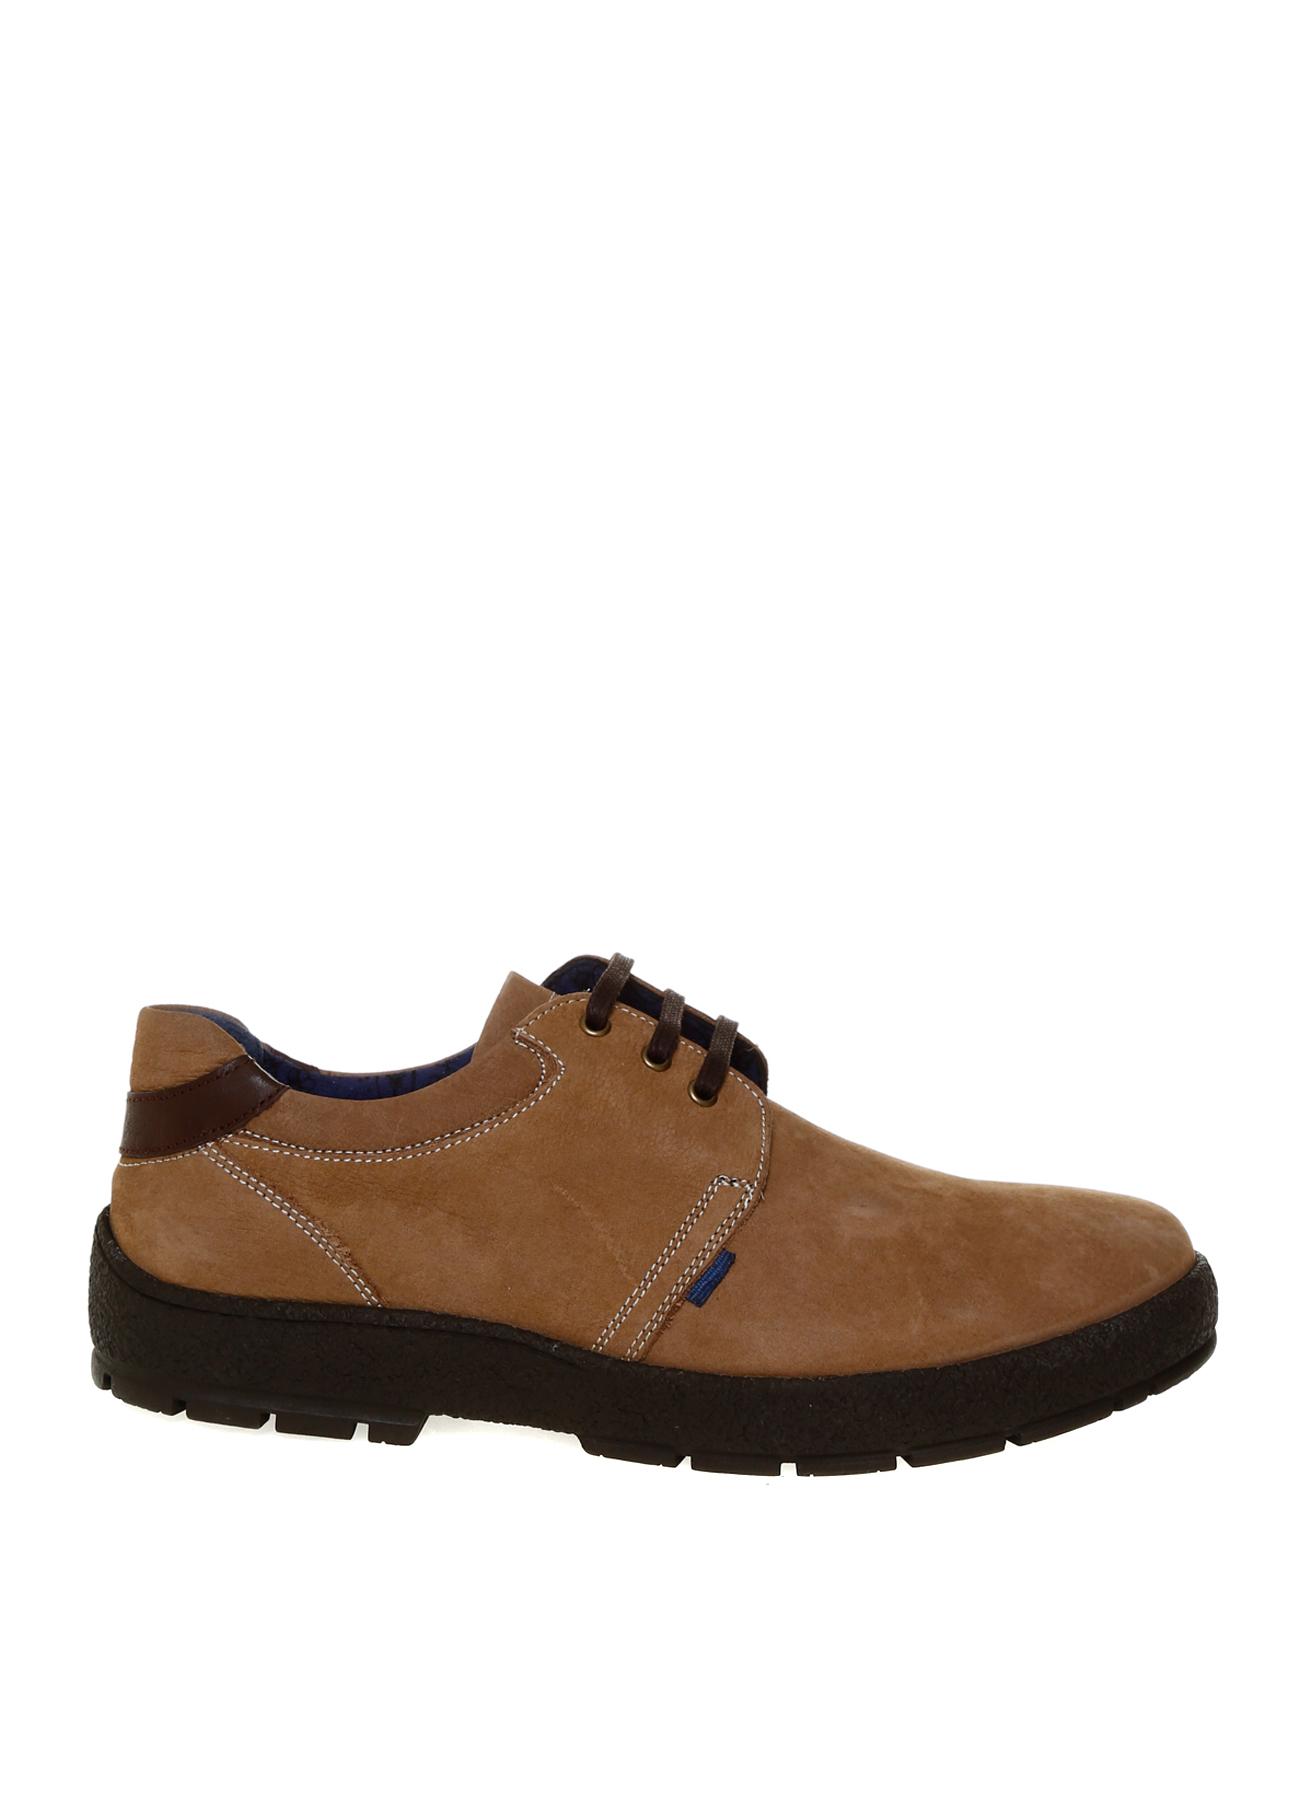 Limon Deri Kum Klasik Ayakkabı 44 5001916474005 Ürün Resmi